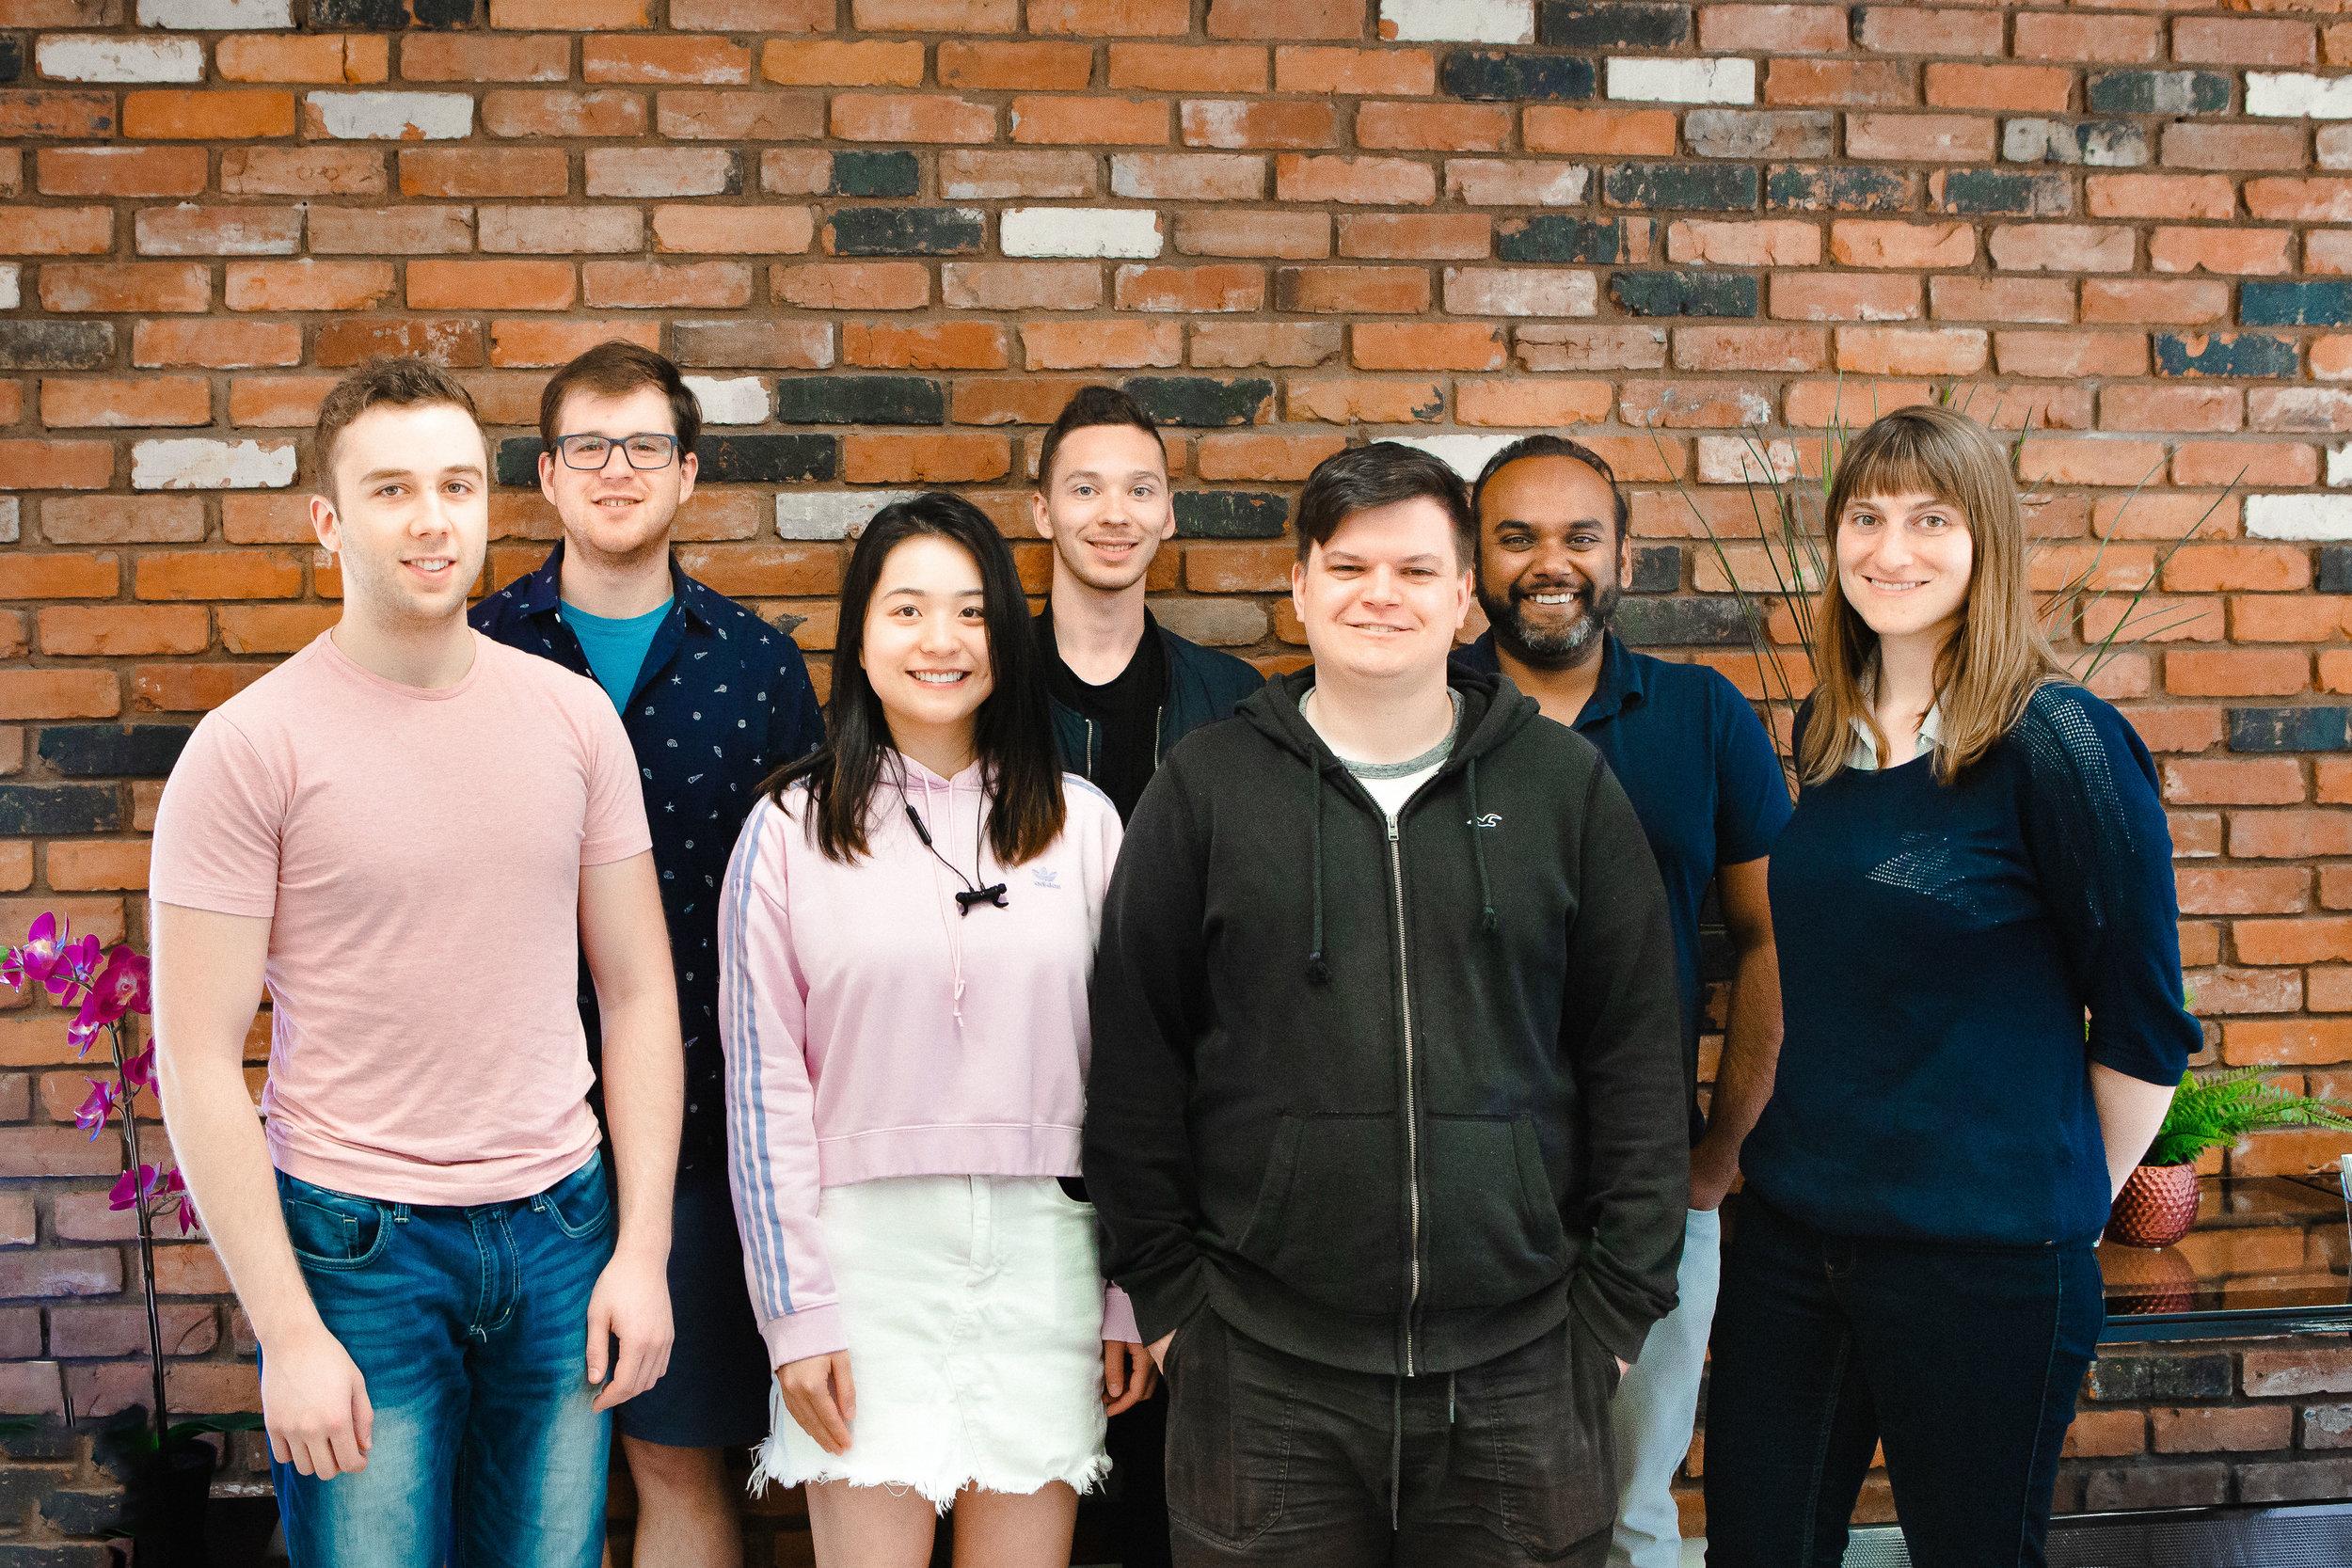 The APFM project team (from left to right): Jared Jewitt, Adam Dubicki, Vivian Zhang, Brendan Walker, JP DuBouchard, Rachit Khare, Kendall Olsen-Maier